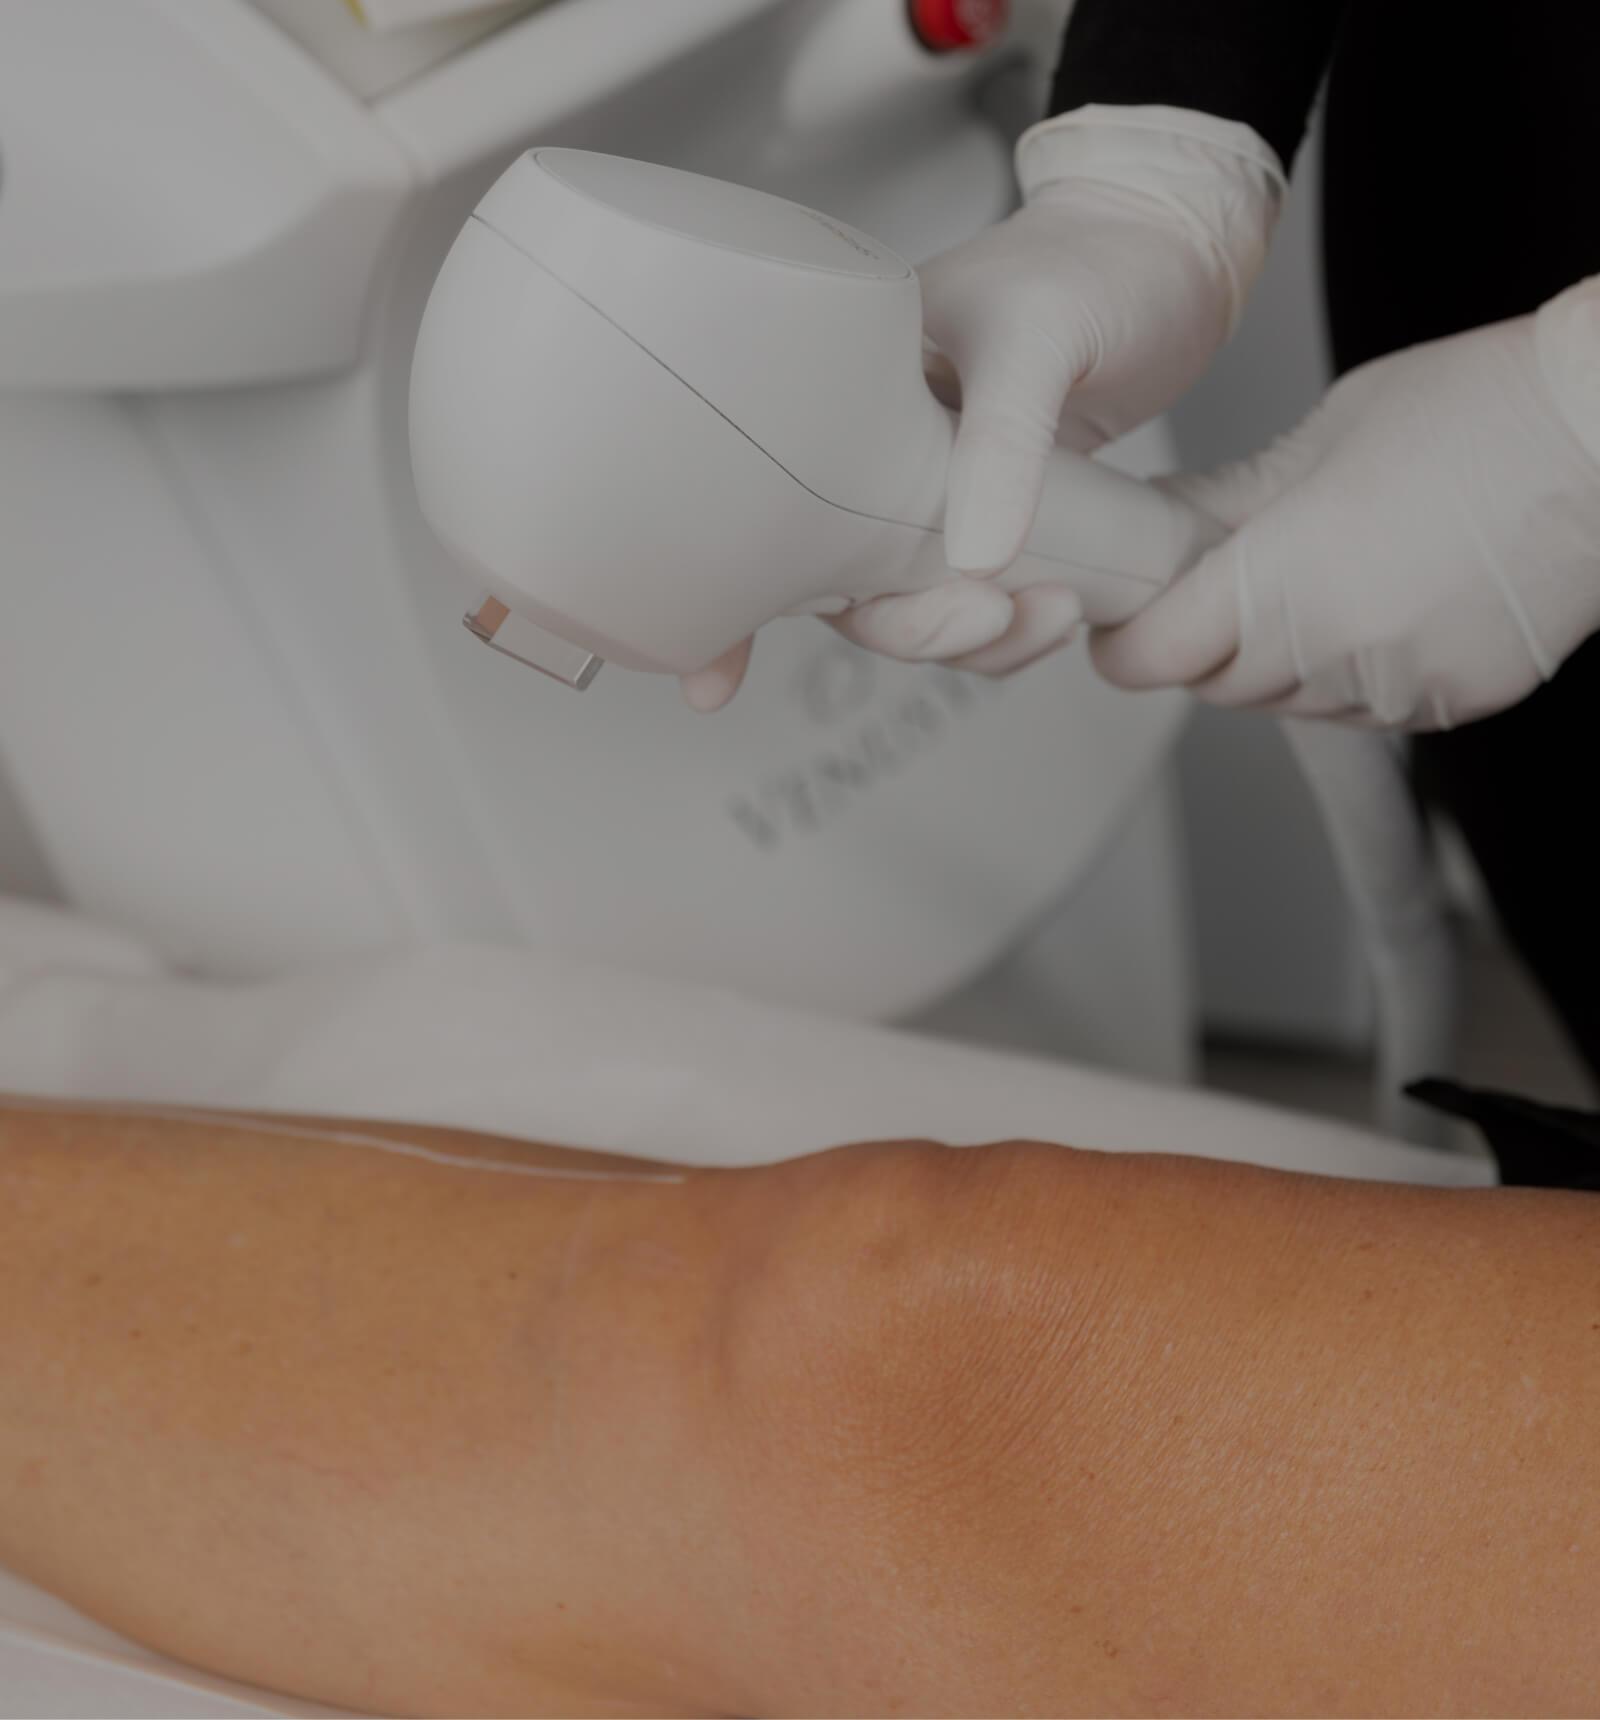 Une technicienne de la Clinique Chloé s'apprêtant à épiler la jambe d'une patiente de façon permanente avec un appareil IPL